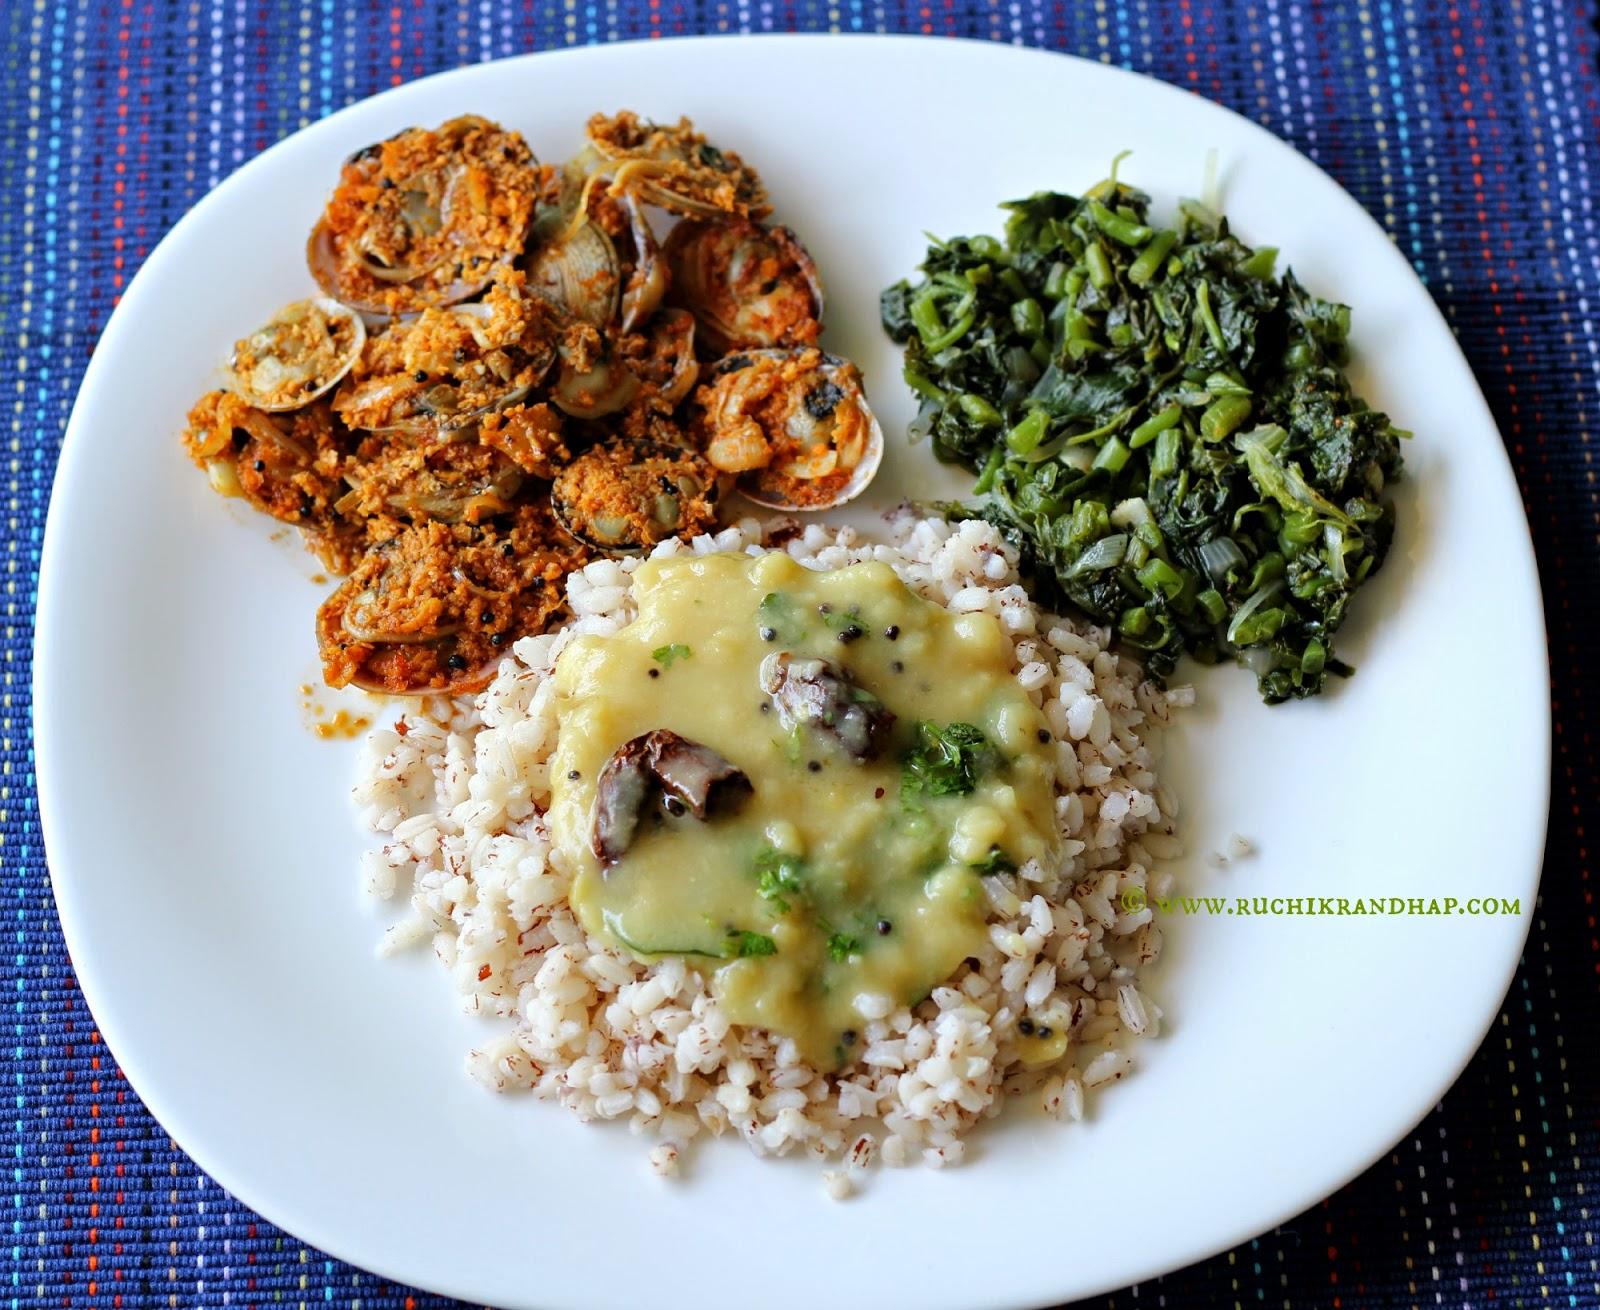 The boshi series mangalorean plated meals boshi1 2 3 the boshi series mangalorean plated meals boshi1 2 3 ruchik randhap forumfinder Images